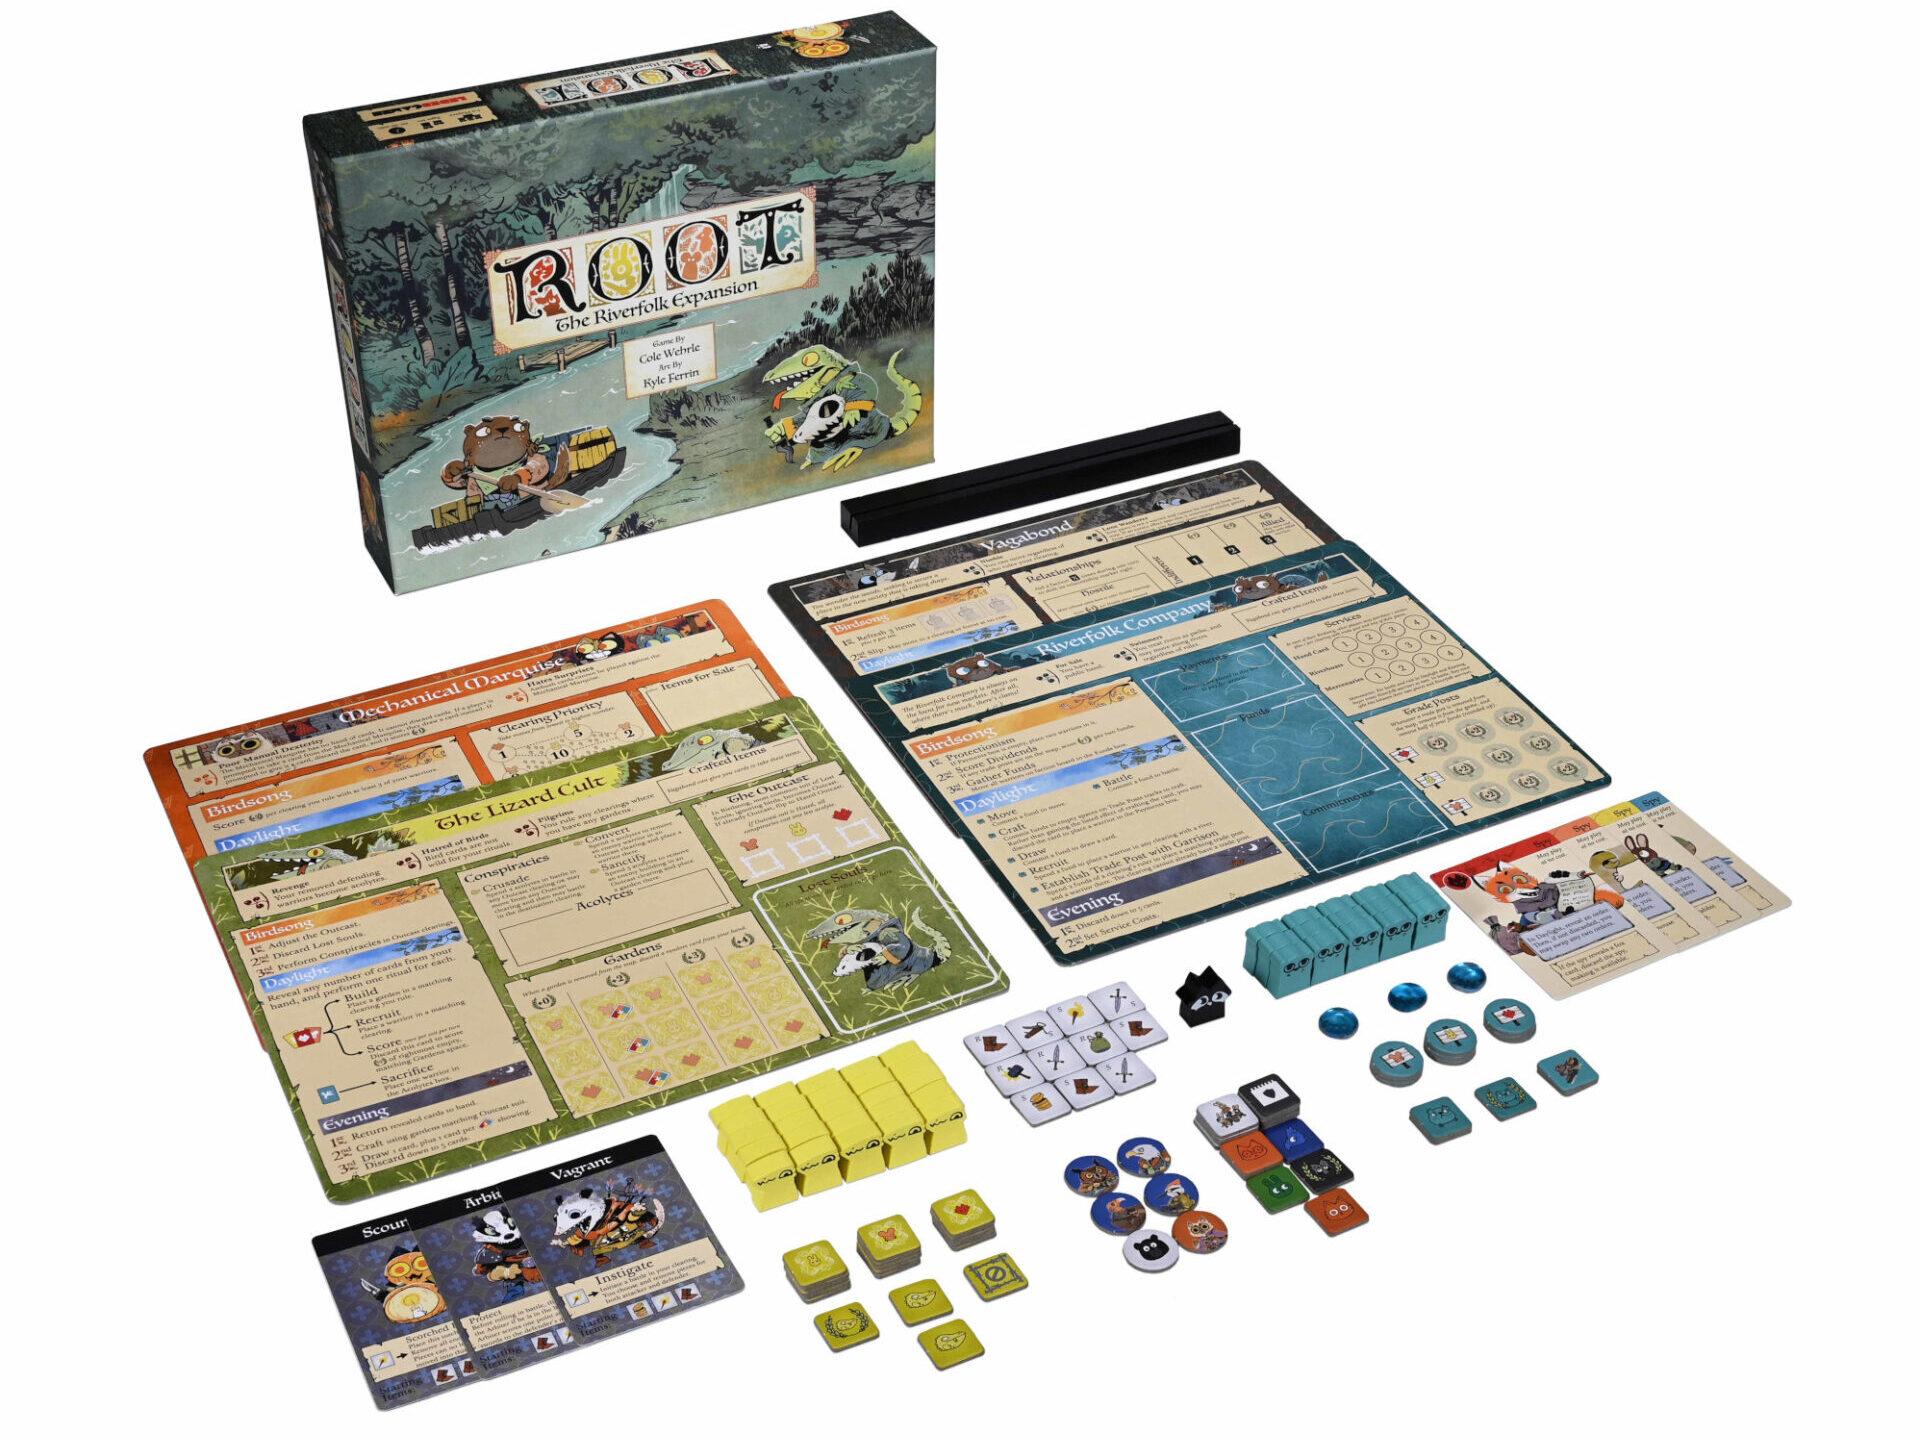 riverfolk expansion contents